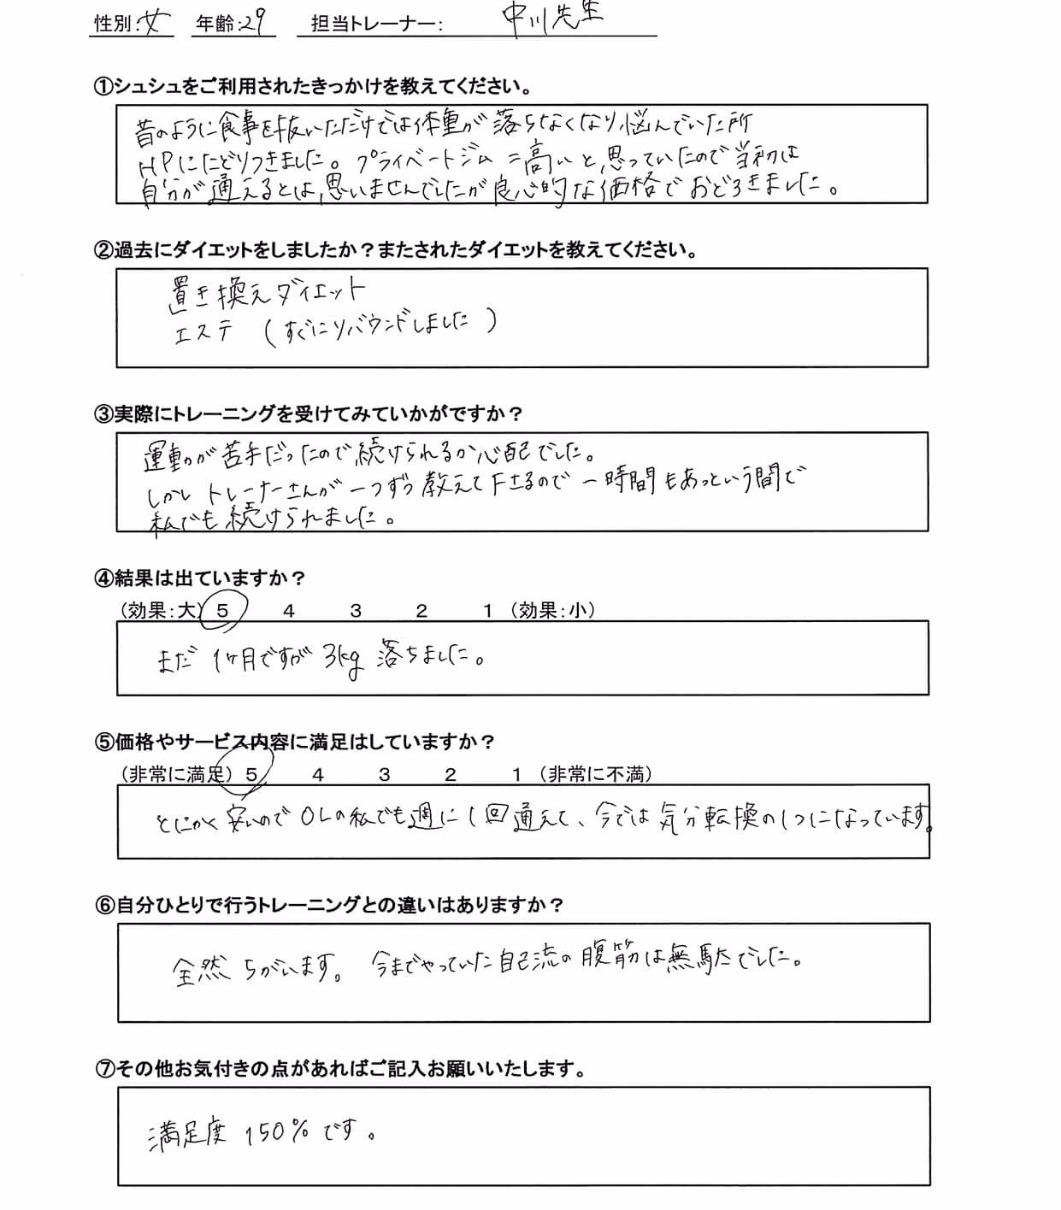 佐々木裕子様(仮名・29歳)